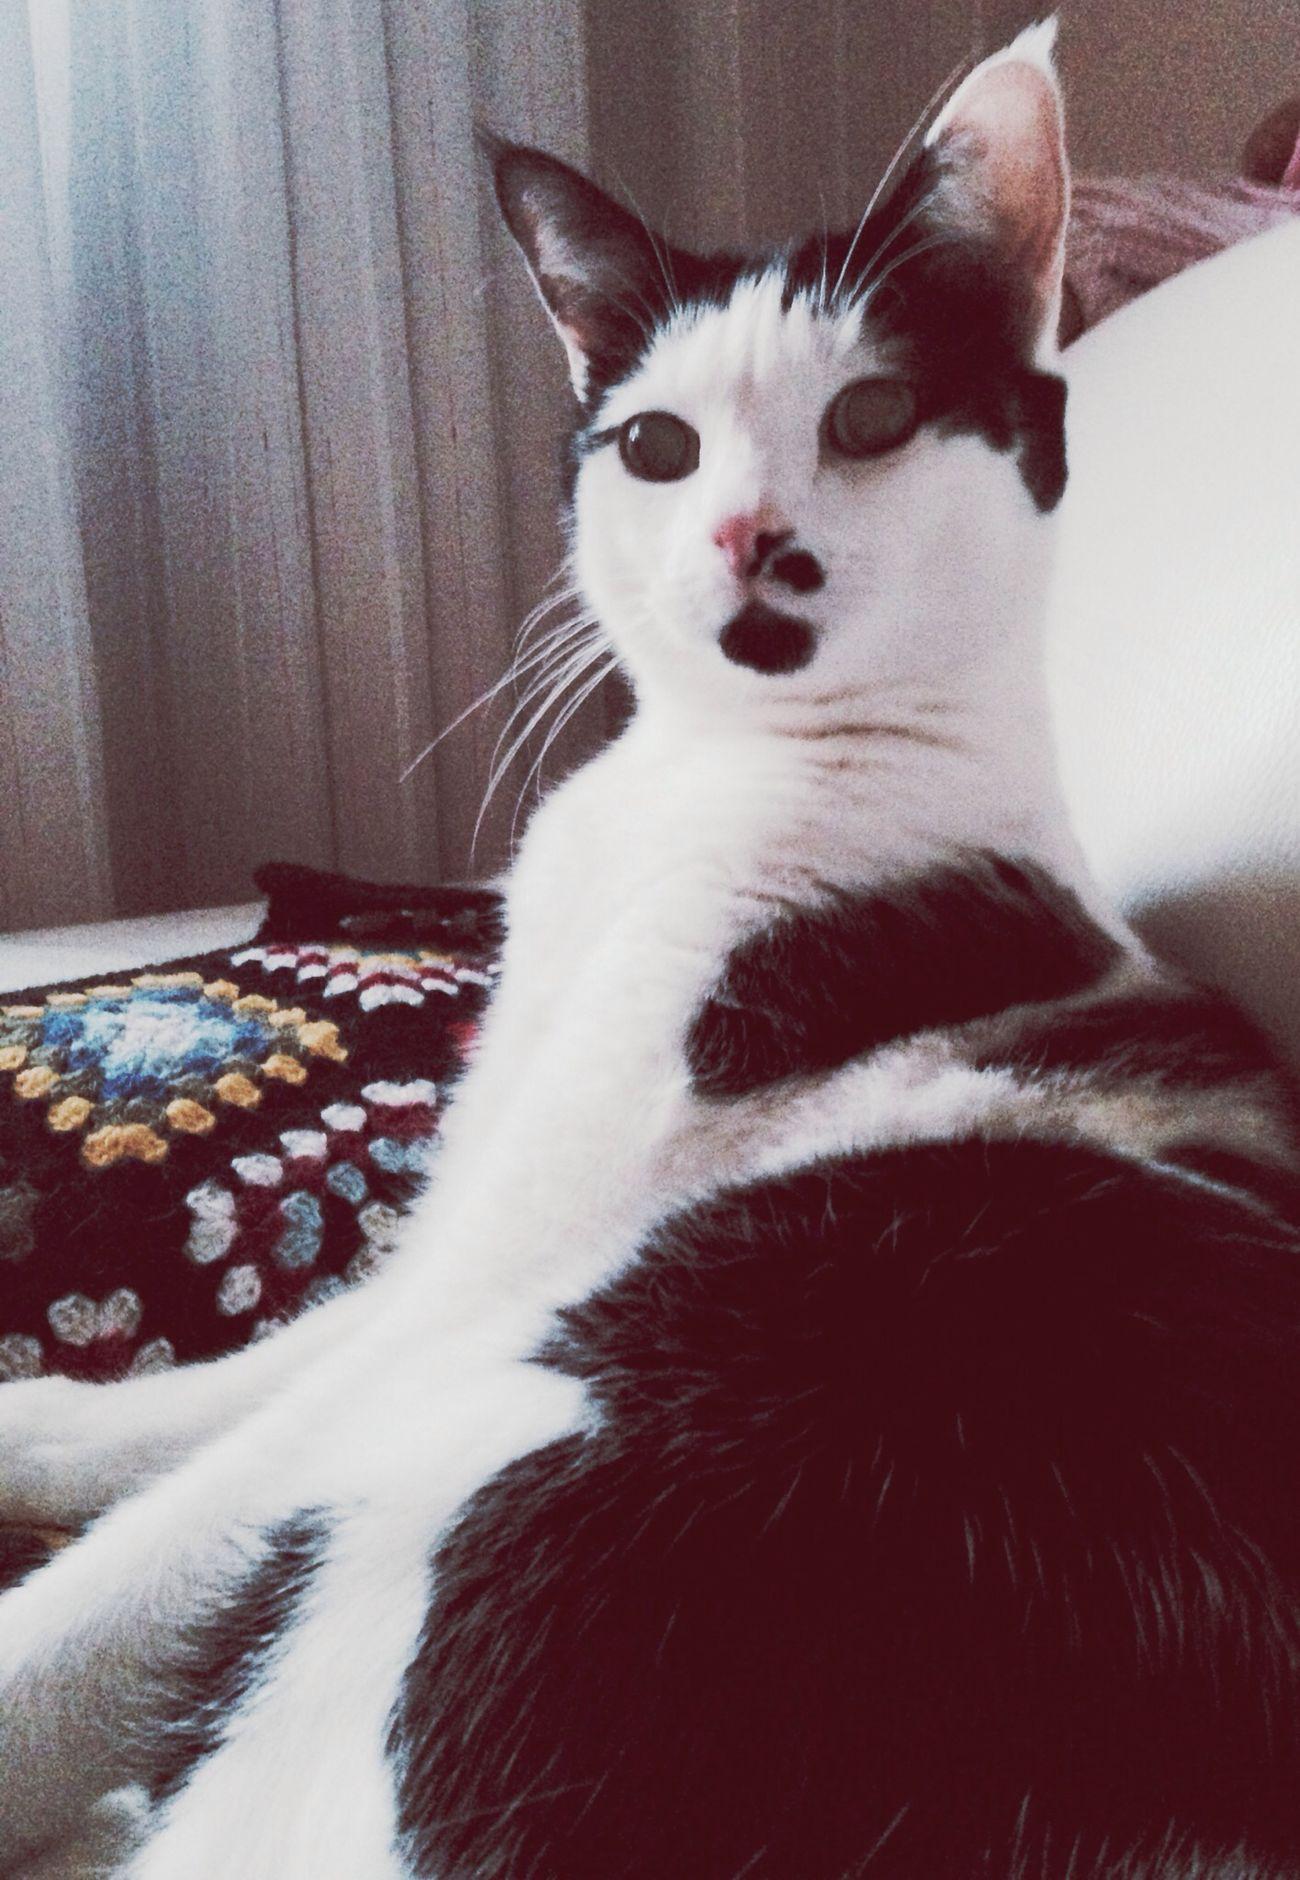 più che un gatto mi sembri un ?? ❤️